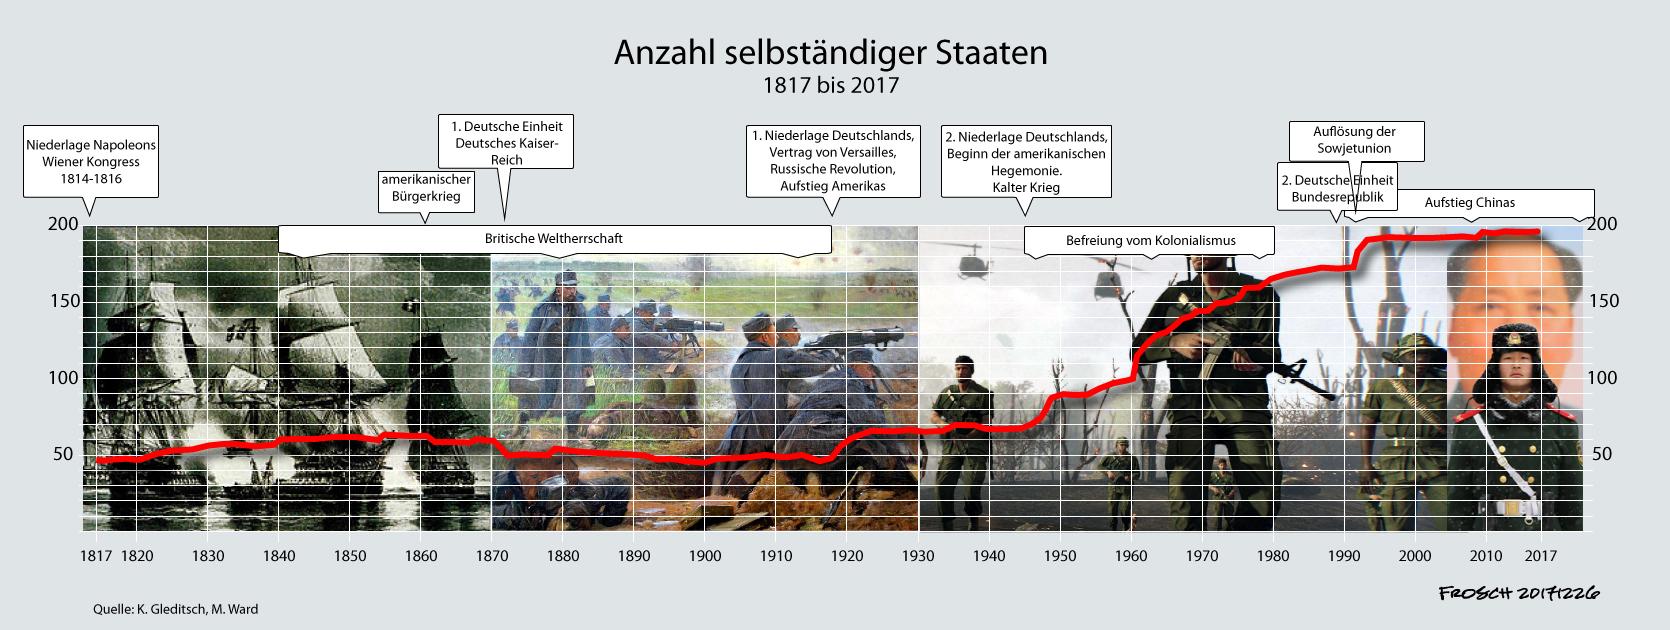 Anzahl selbständiger Staaten 1817 bis 2017